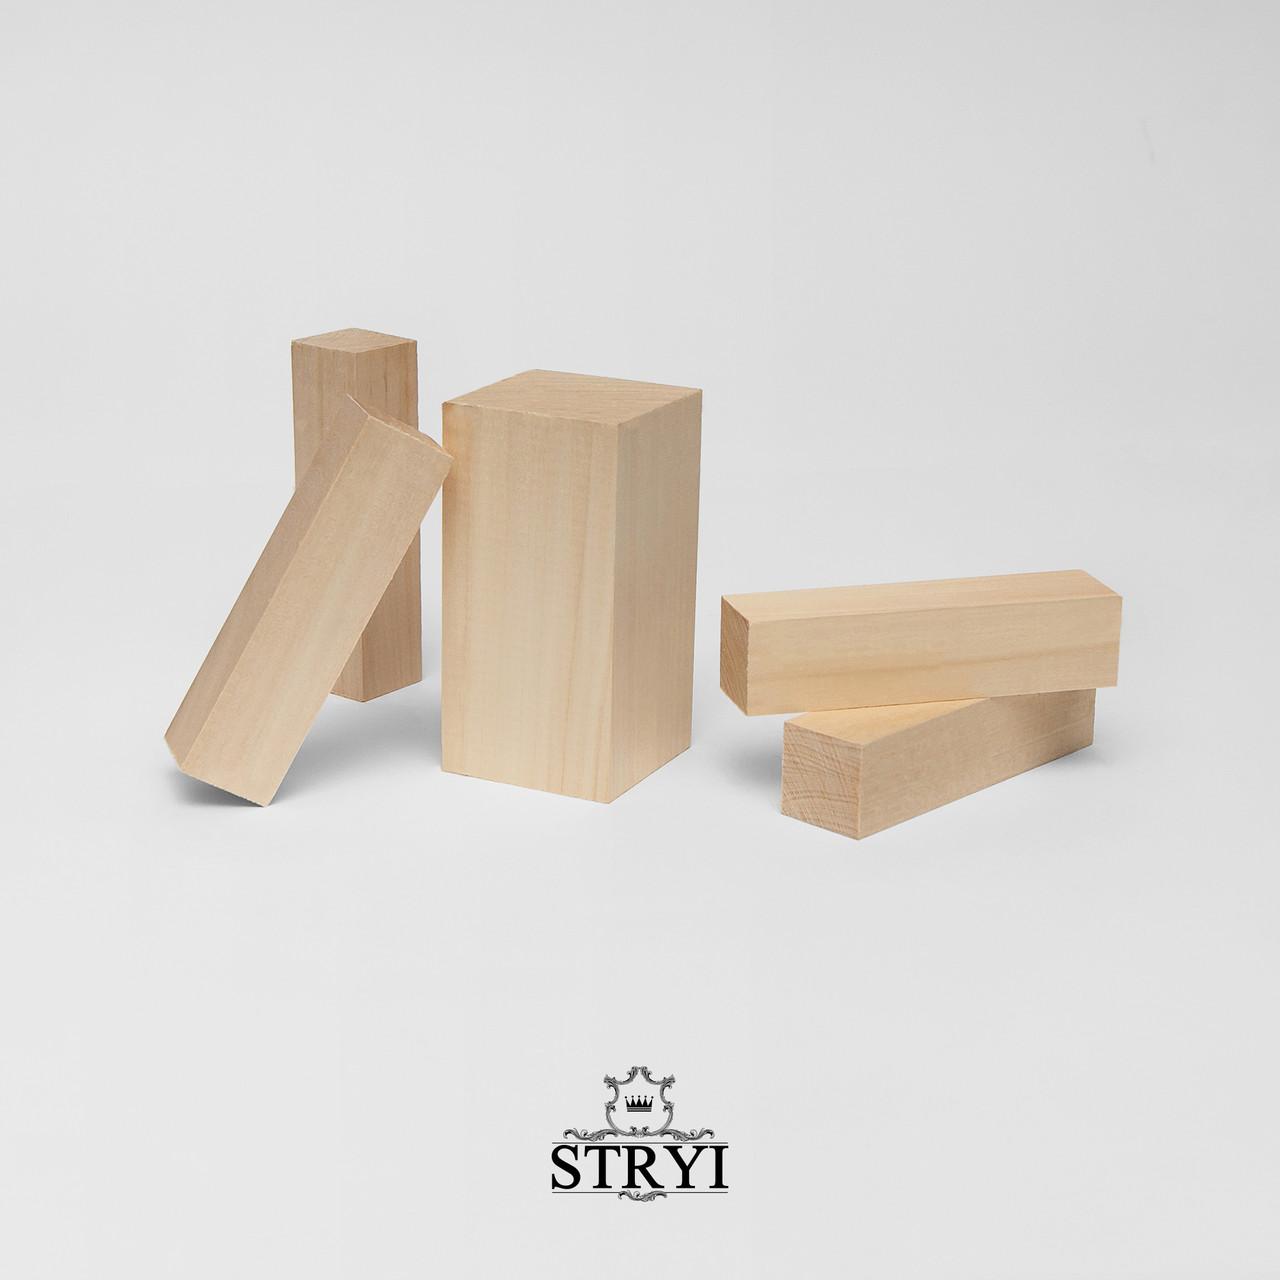 Набір дерев'яних заготовок брусків для вирізання фігур, 5шт